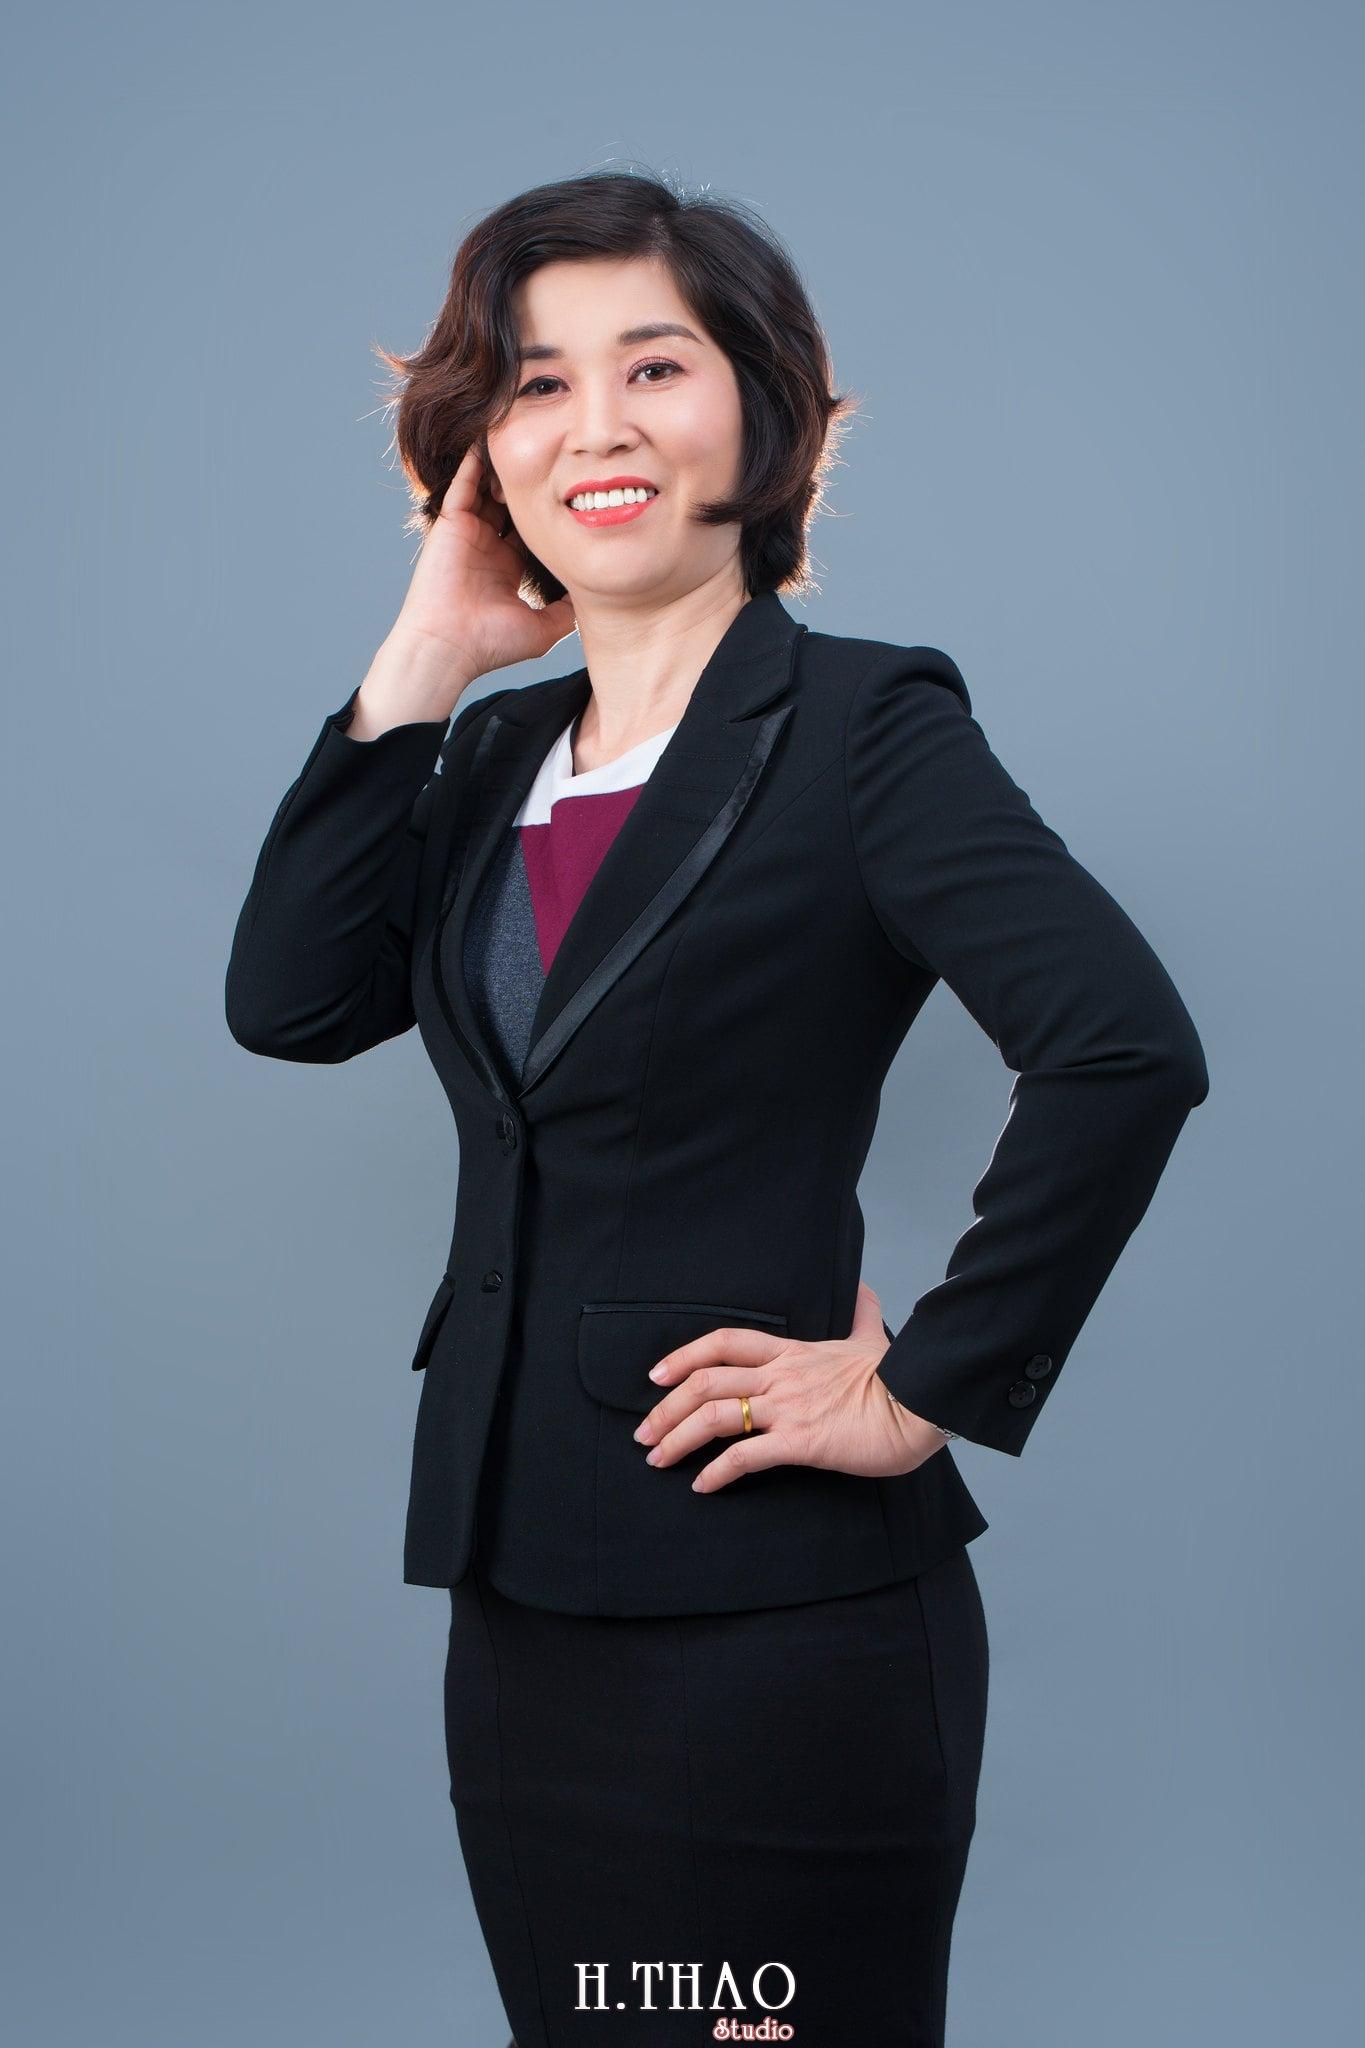 chan dung nu 8 - Album ảnh doanh nhân chị Quỳnh sang trọng, quý phái - HThao Studio